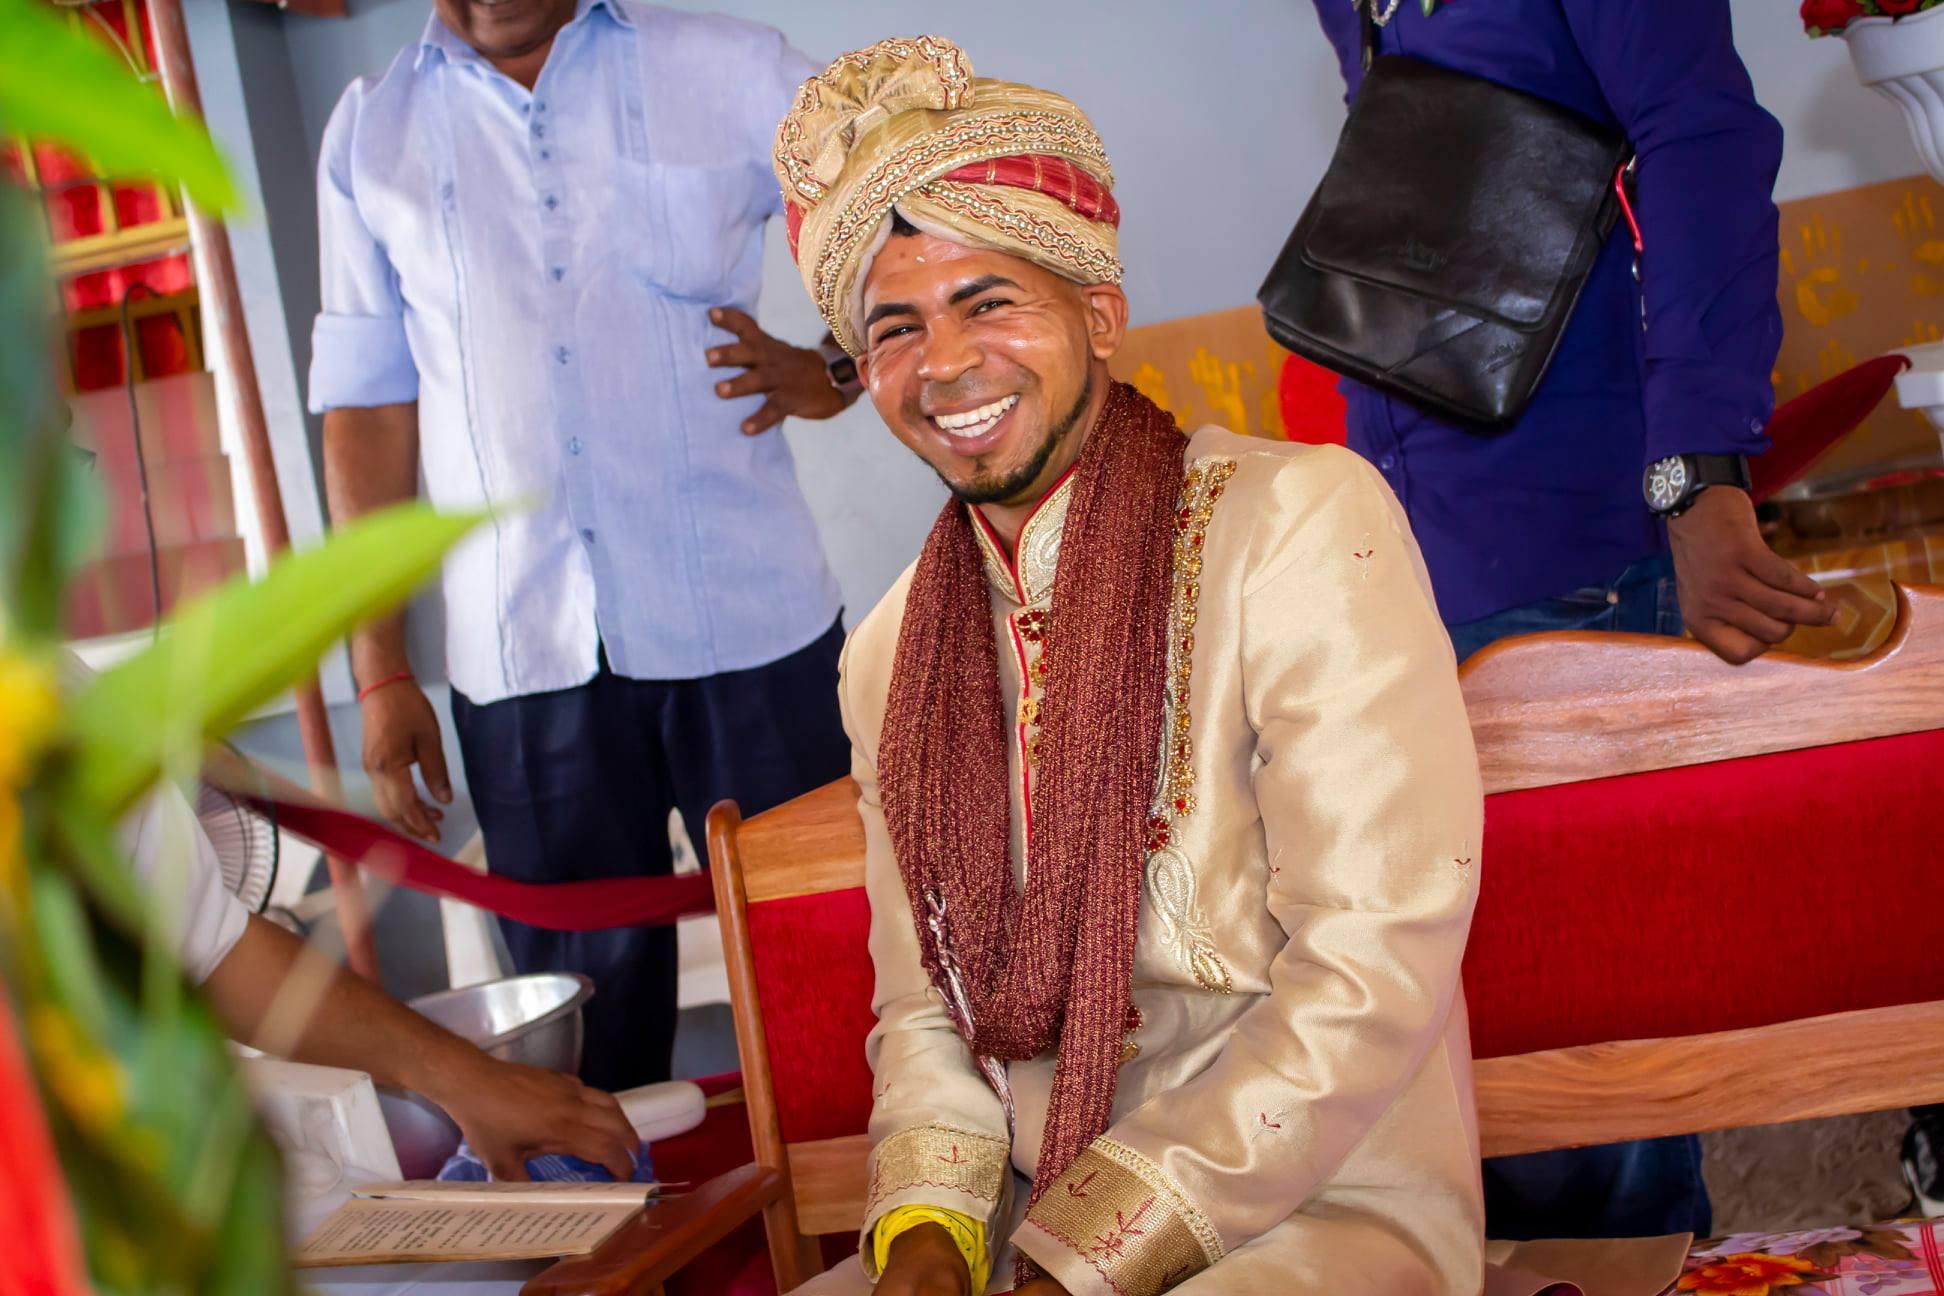 Trouwen in Suriname Paramaribo Manshika Rofenzo